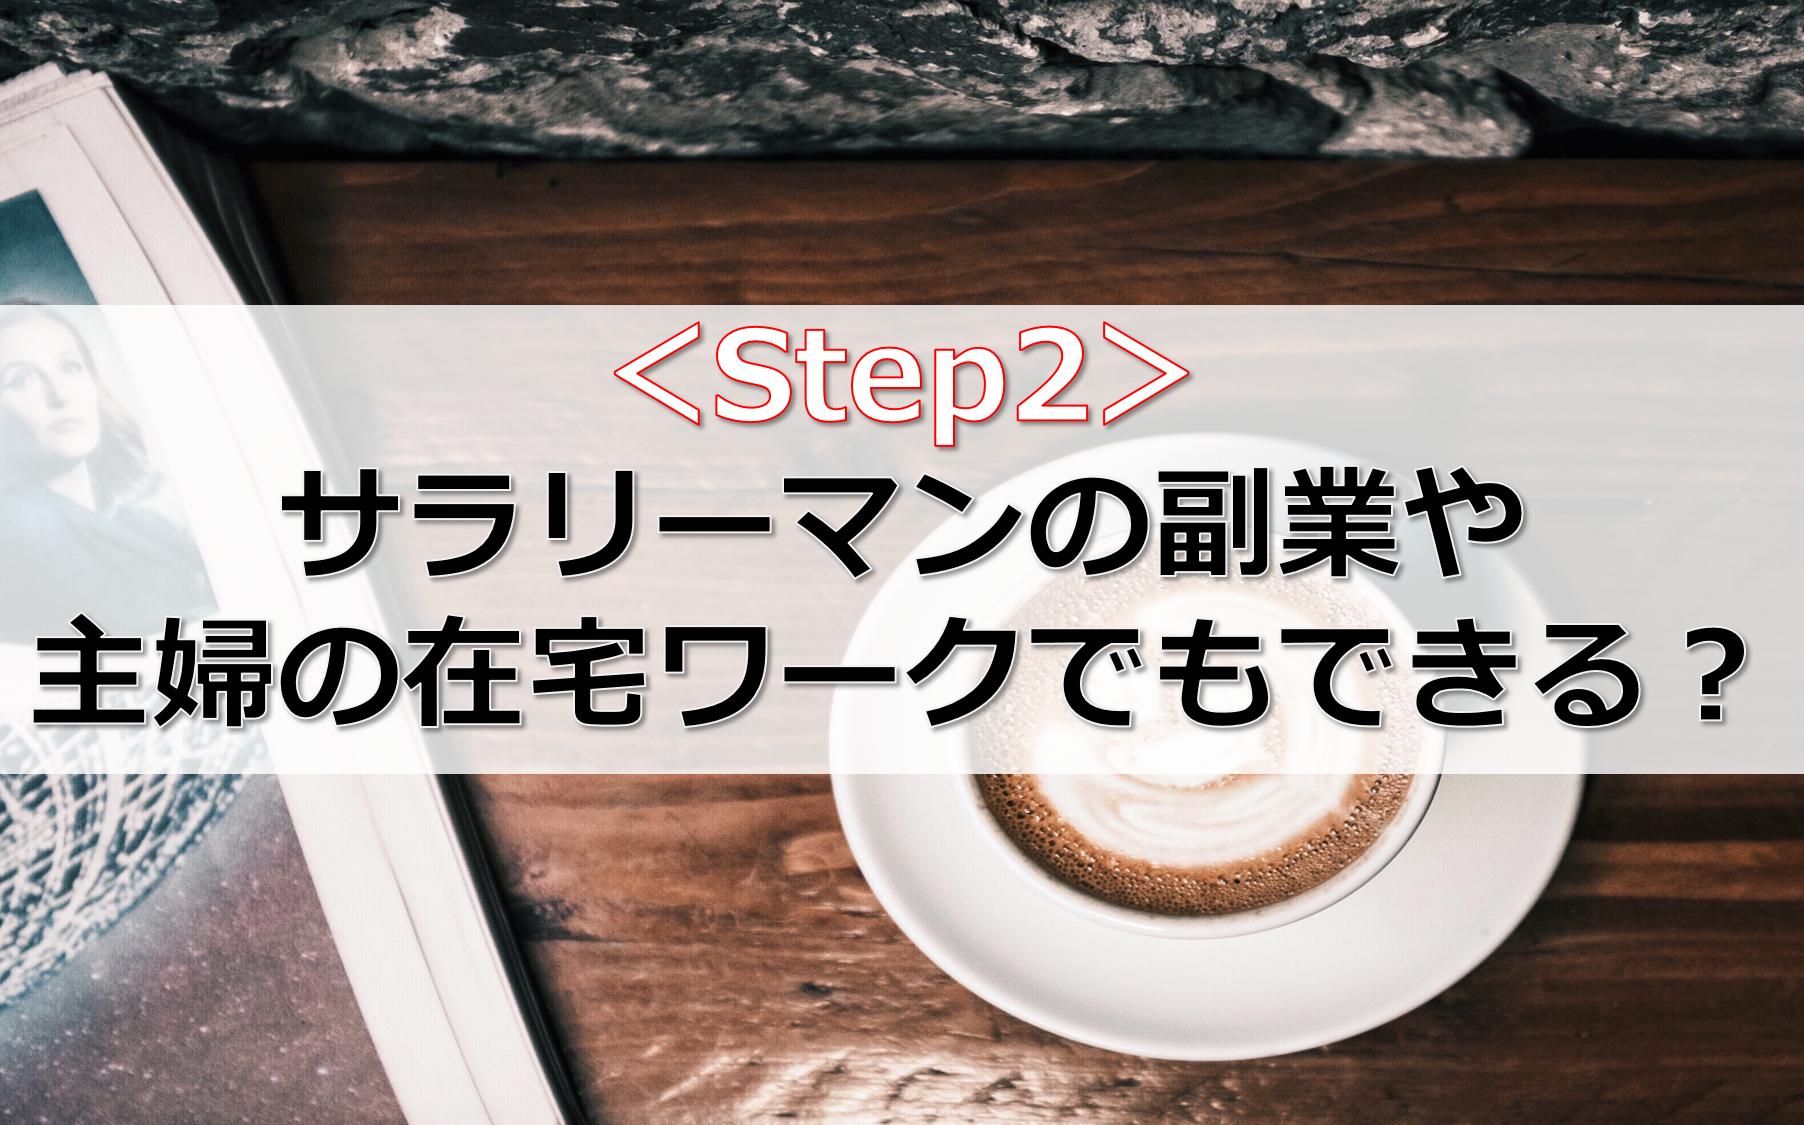 <Step2>サラリーマンの副業や主婦の在宅ワークでもできる?